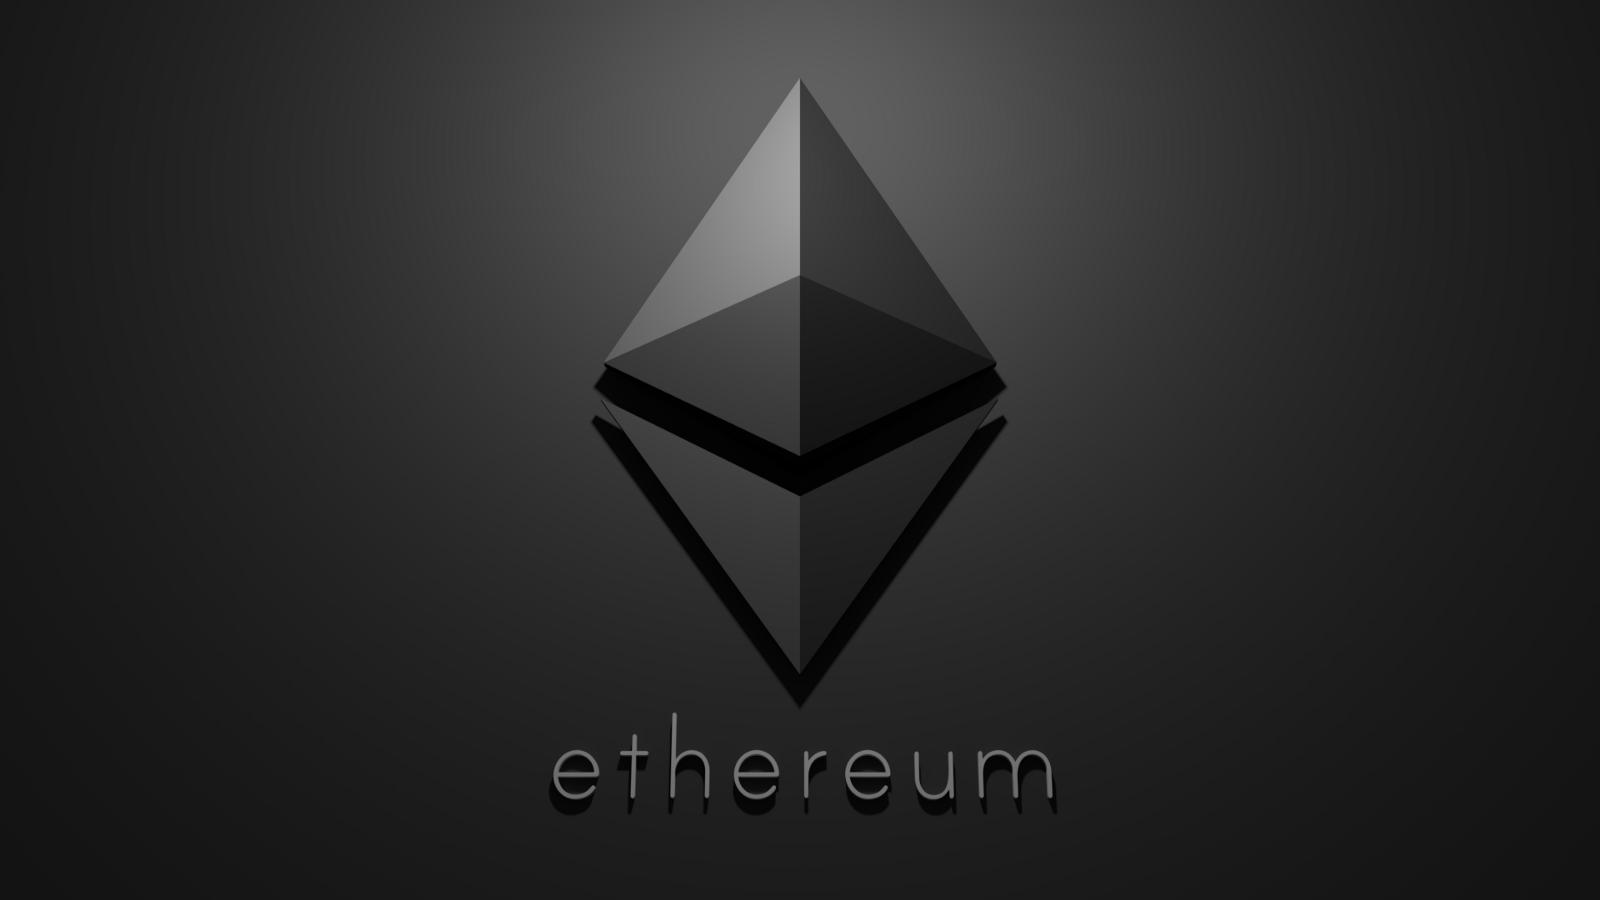 ethereum,-oggi-e-il-giorno-dell'update-london:-comprare-o-vendere?